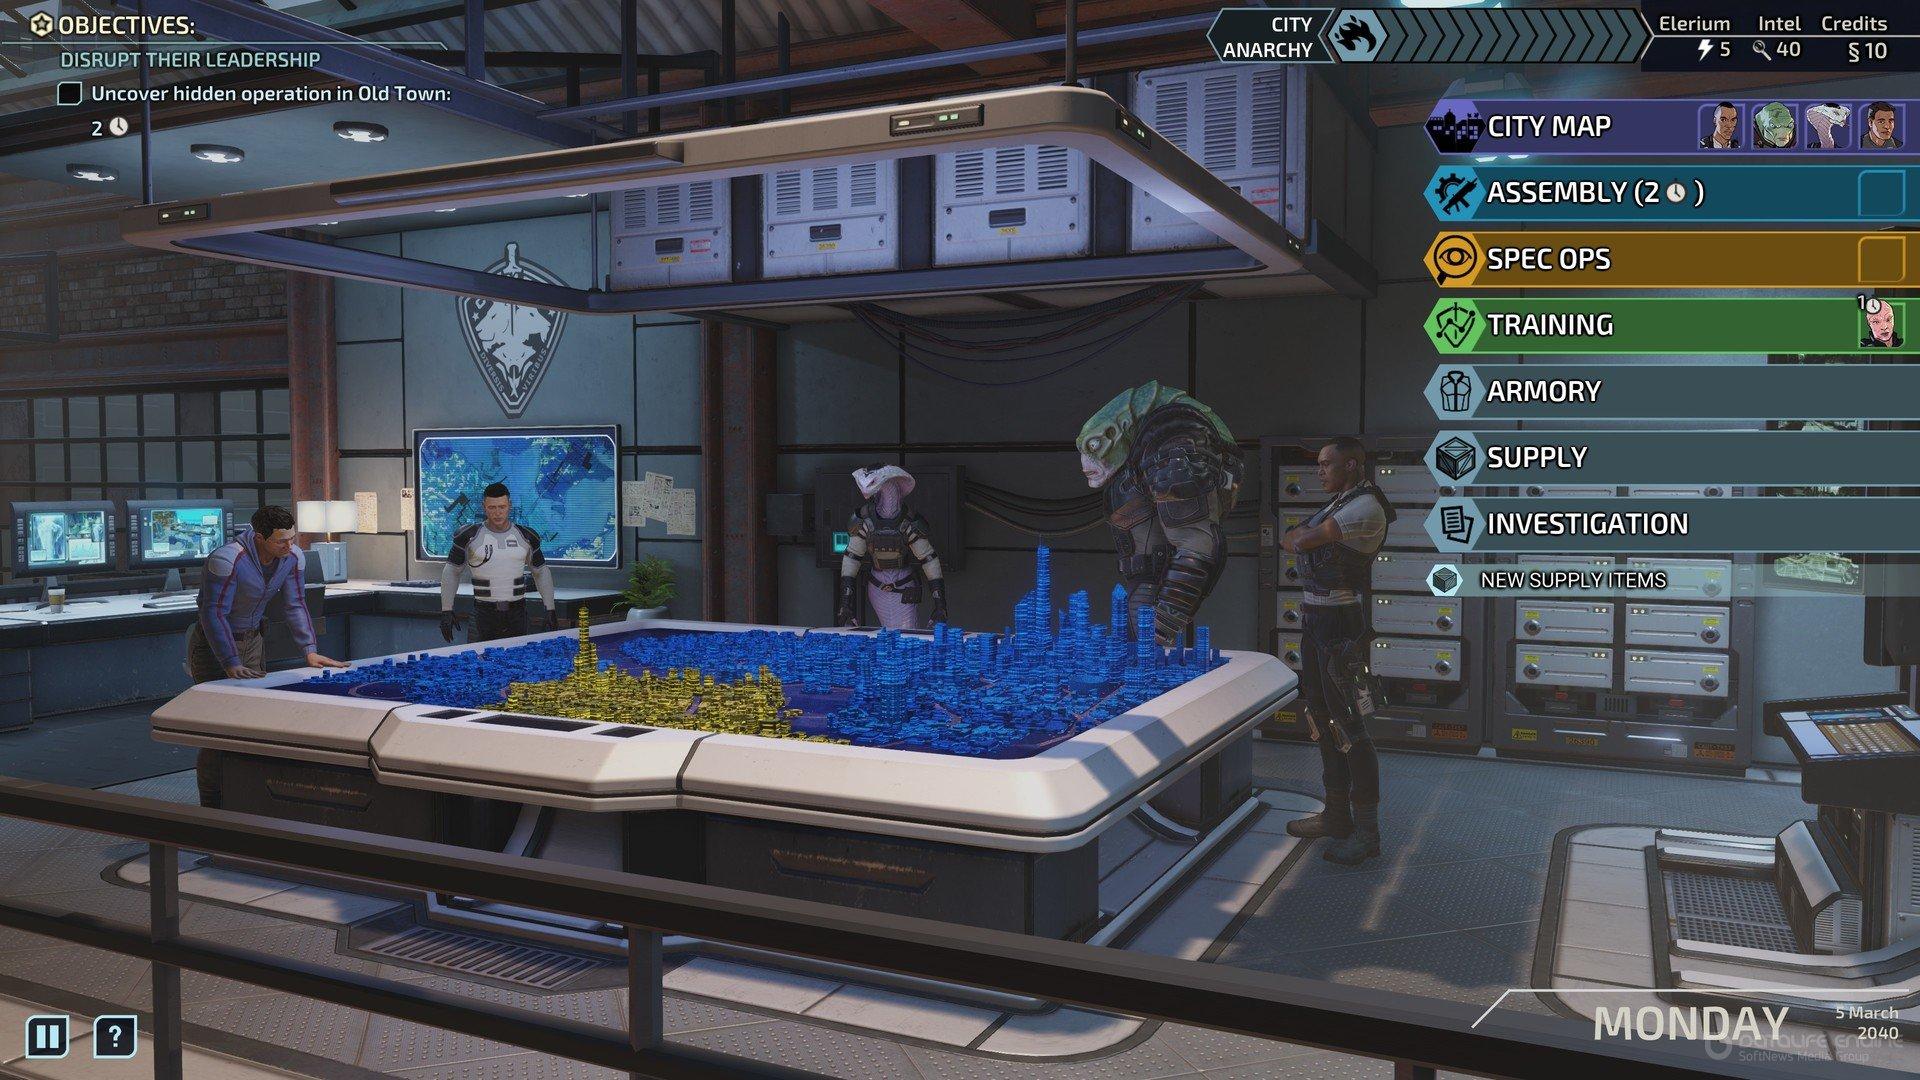 Скриншот к игре XCOM: Chimera Squad [v. 1.0.0.46049] (2020) скачать торрент RePack от R.G. Механики